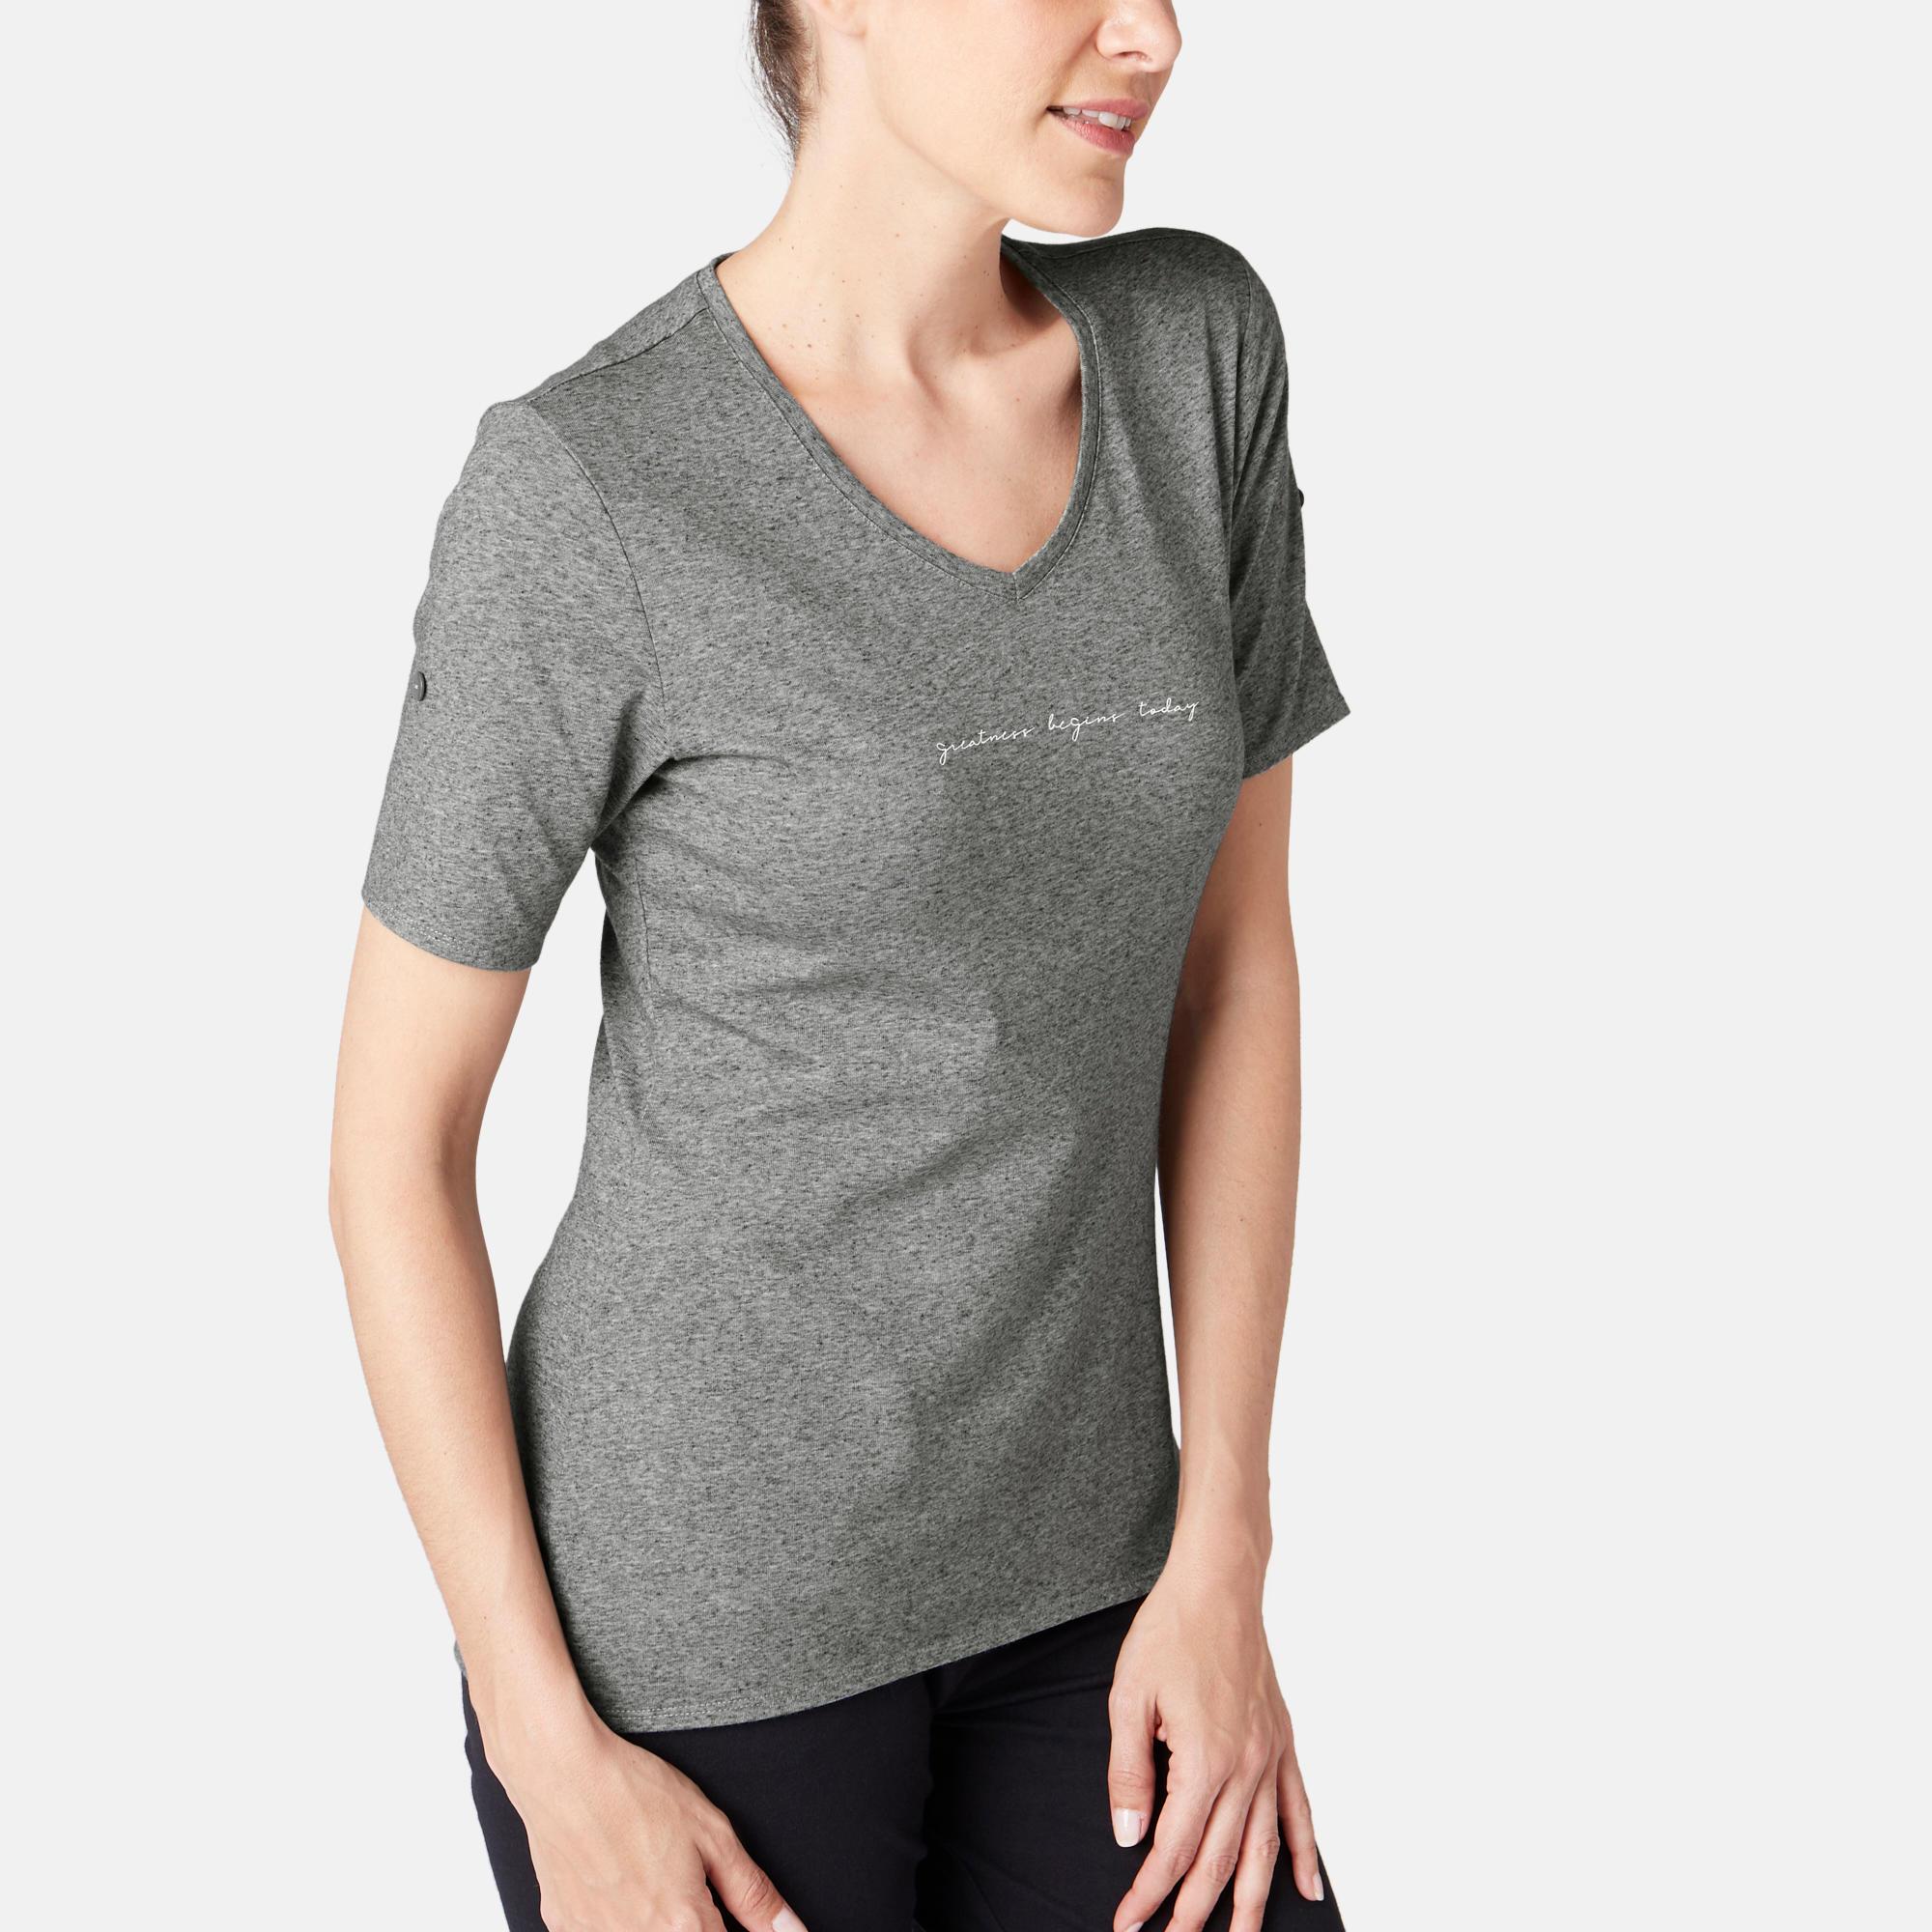 T shirt 510 regular pilates gym douce femme gris neps printé domyos